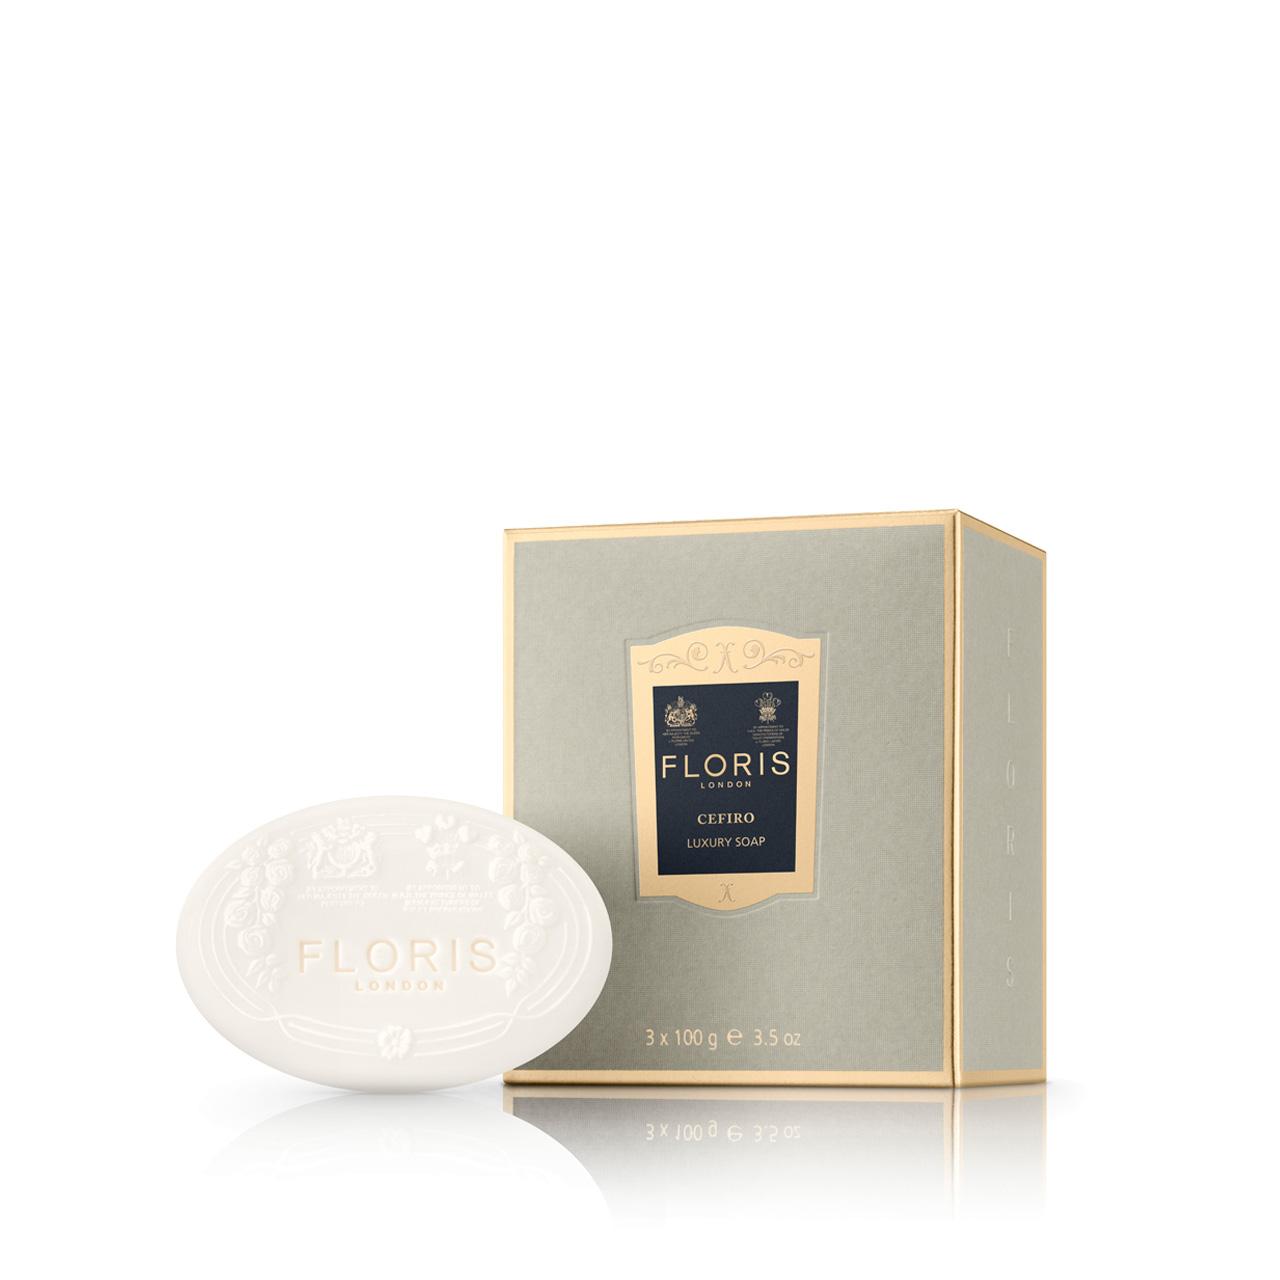 Cefiro - Toilet Soap